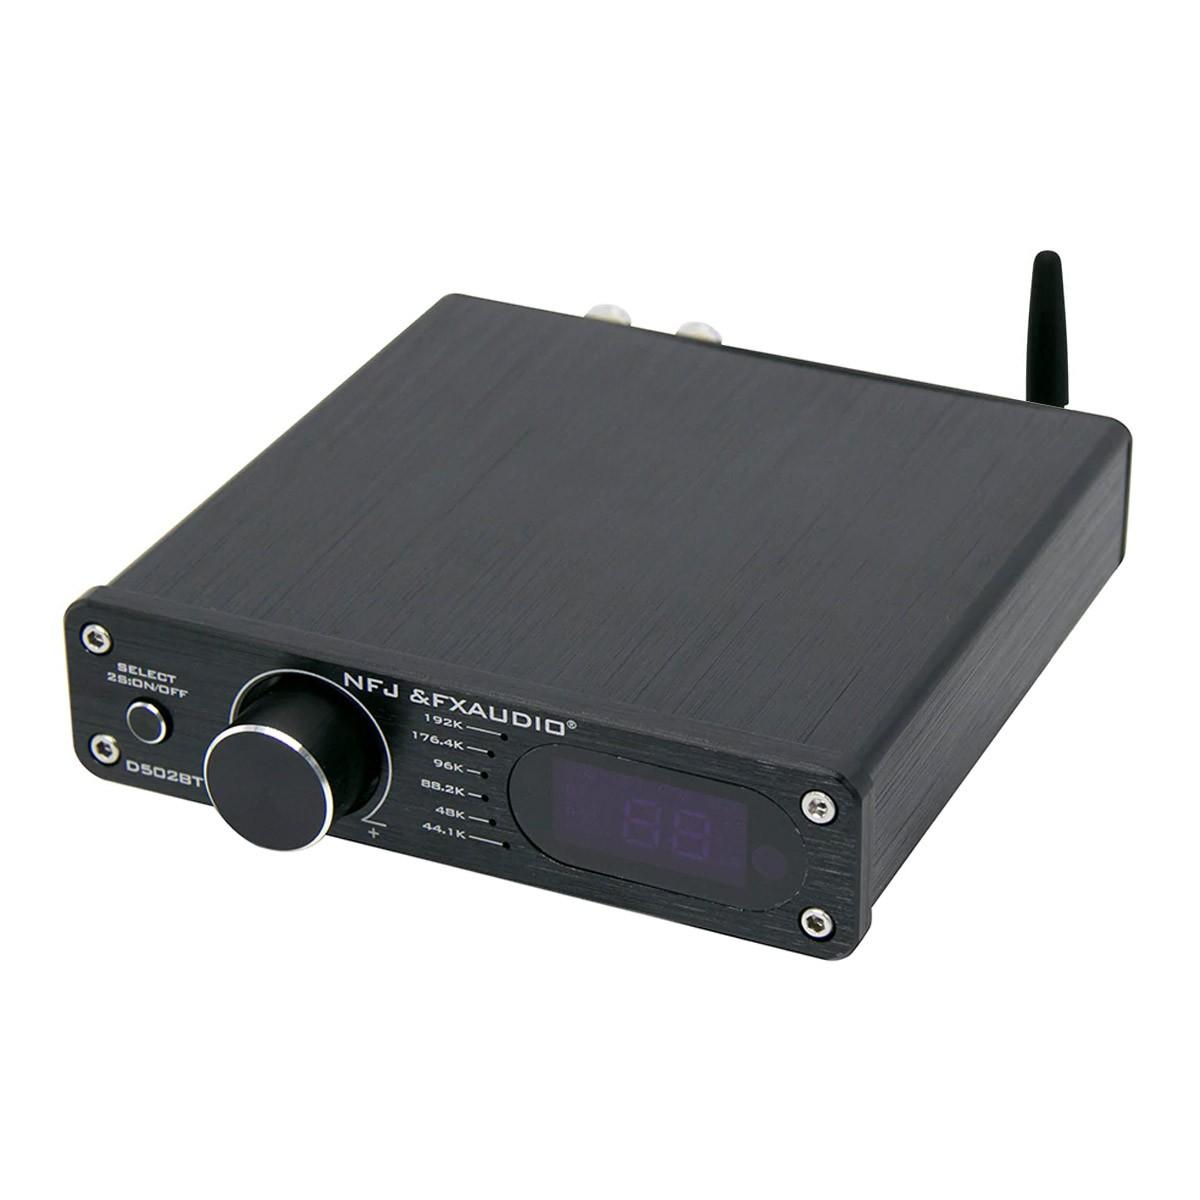 FX-AUDIO D502BT Amplifier FDA TAS5342A Subwoofer Output Bluetooth 5.0 2x60W 4 Ohm